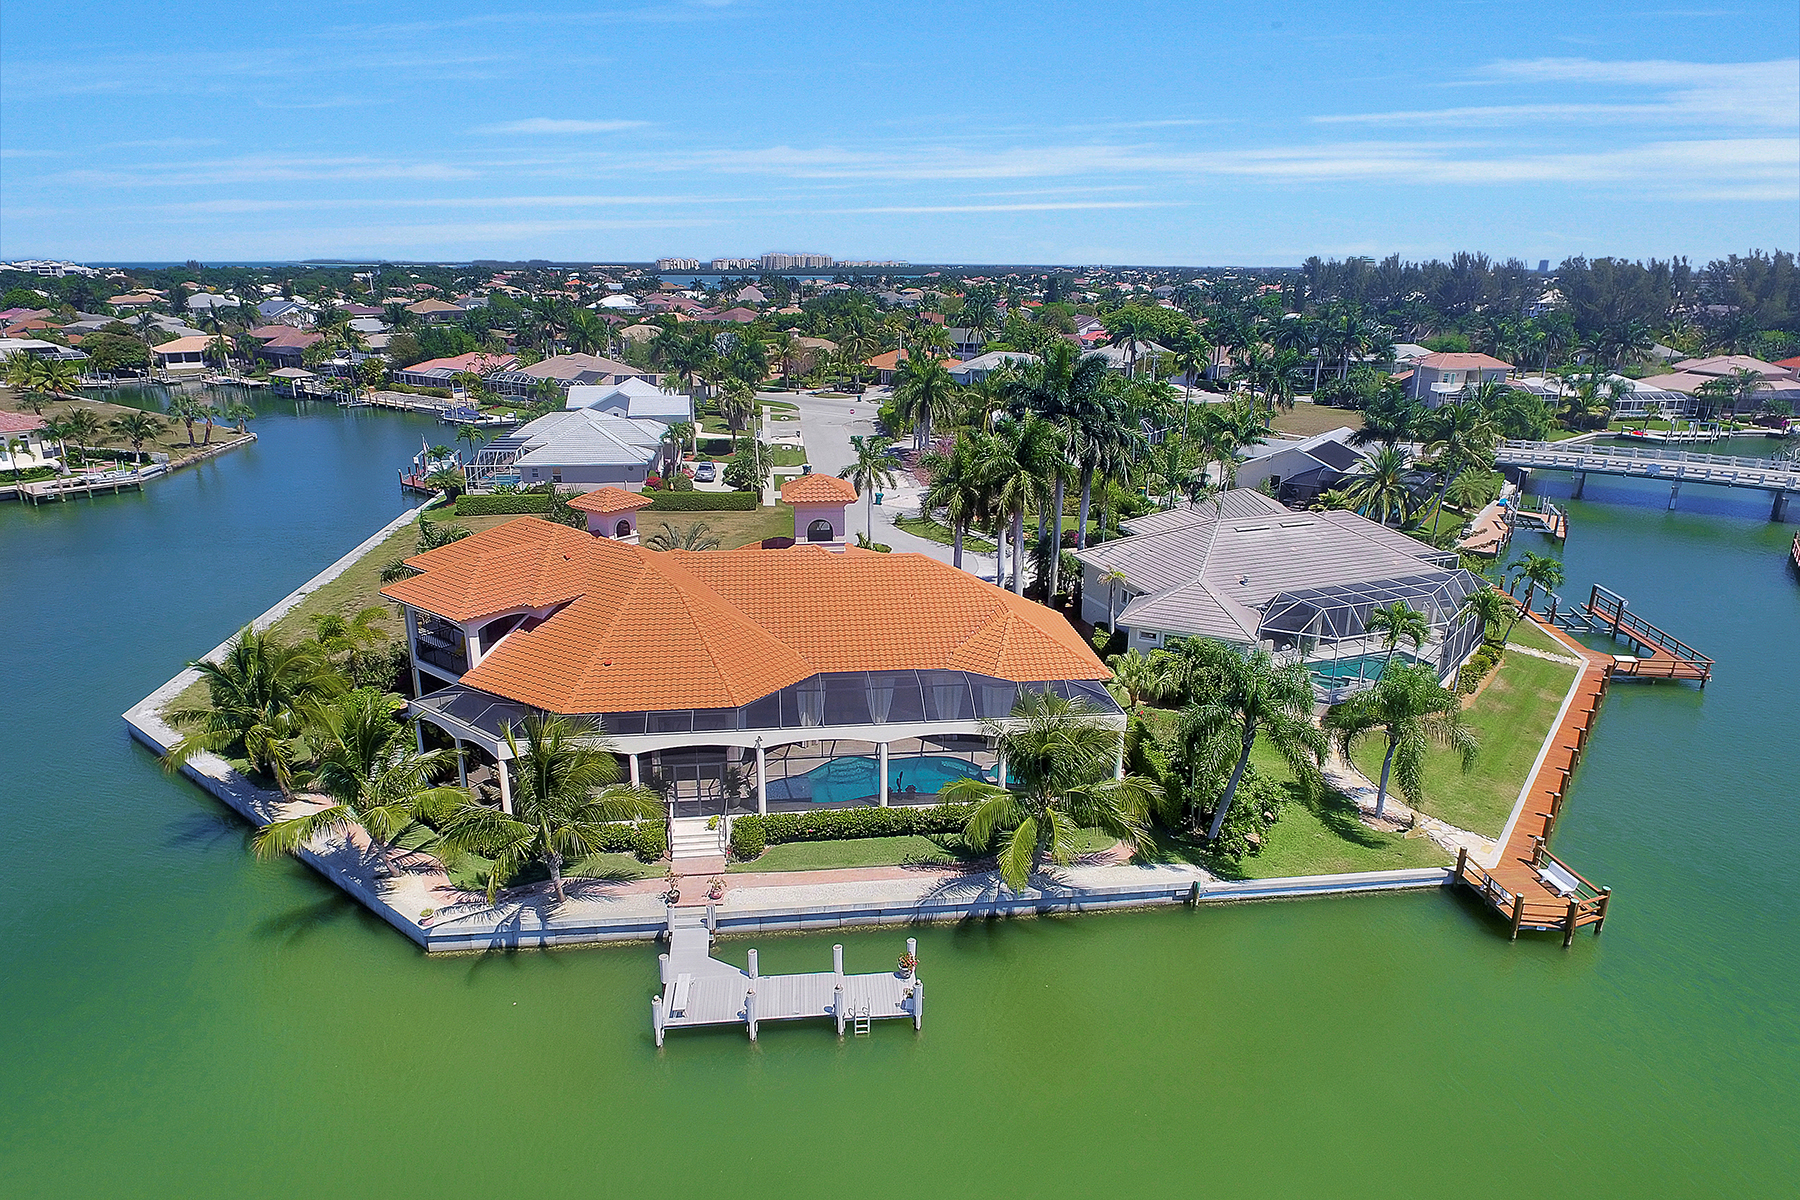 Частный односемейный дом для того Продажа на MARCO ISLAND 510 Mangrove Ct Marco Island, Флорида, 34145 Соединенные Штаты